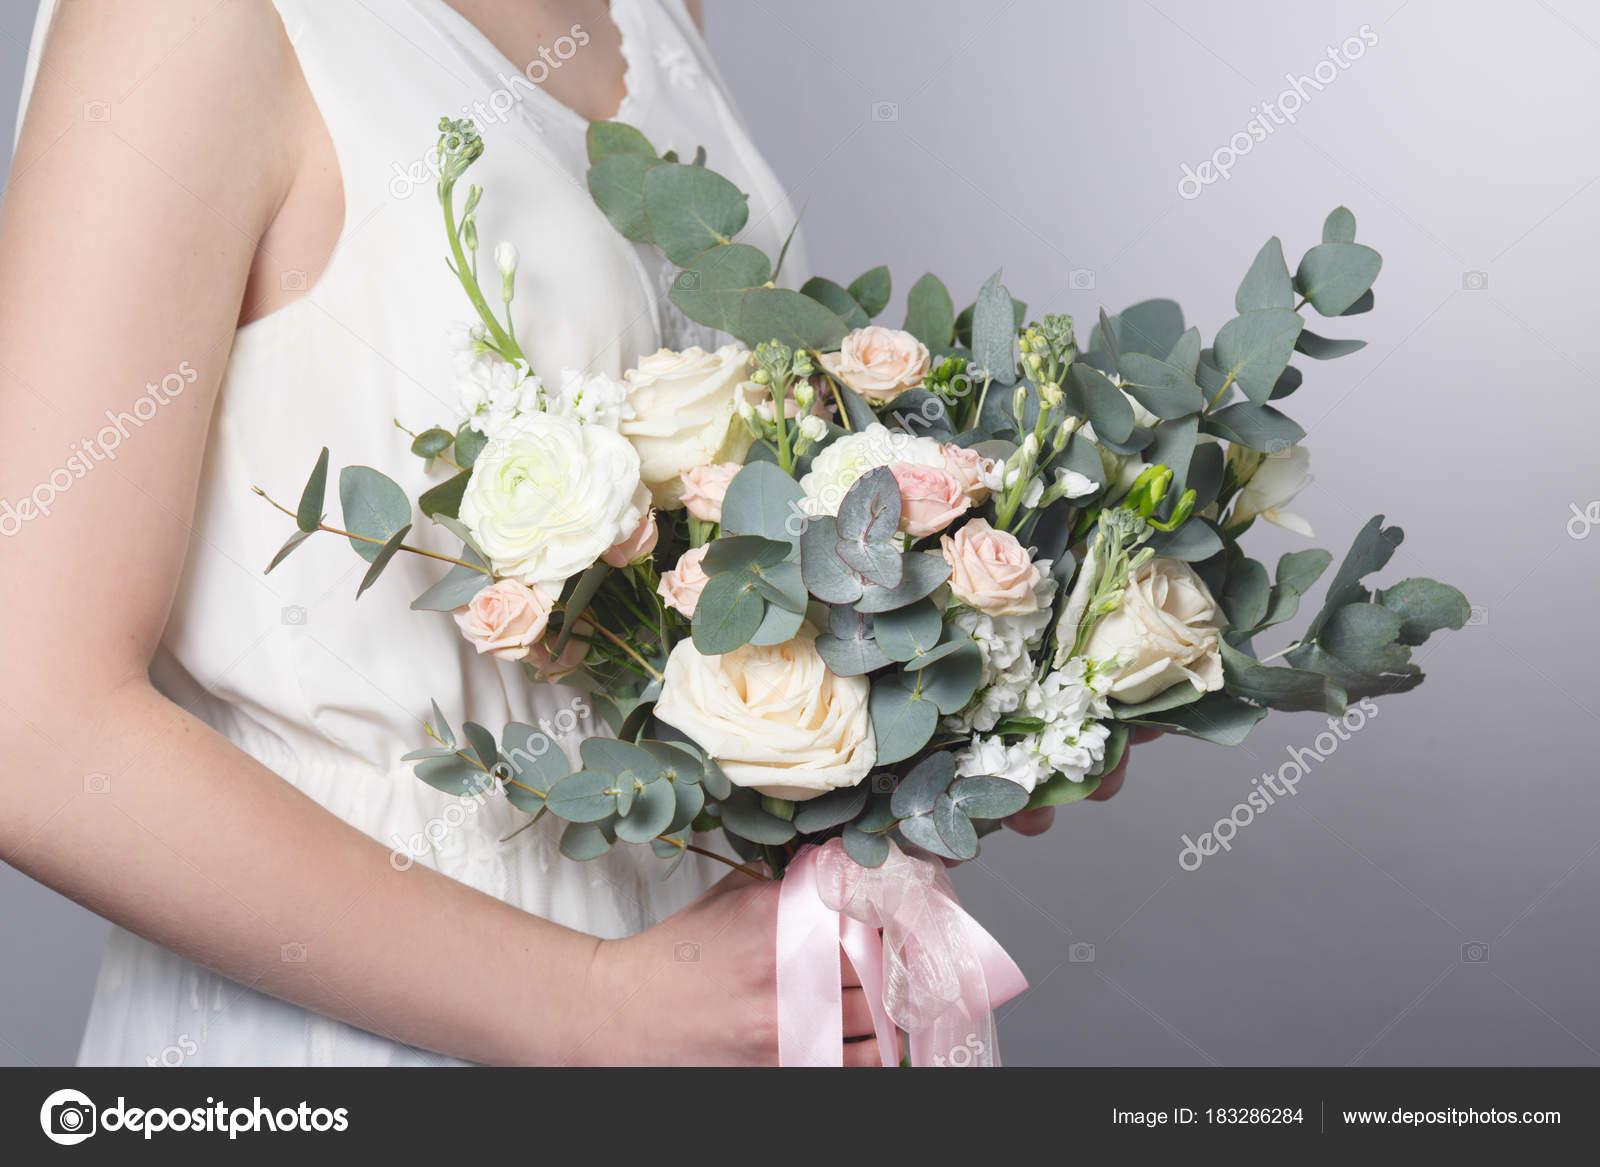 Gentle Wedding Bouquet Eucalyptus Hands Bride Stock Photo